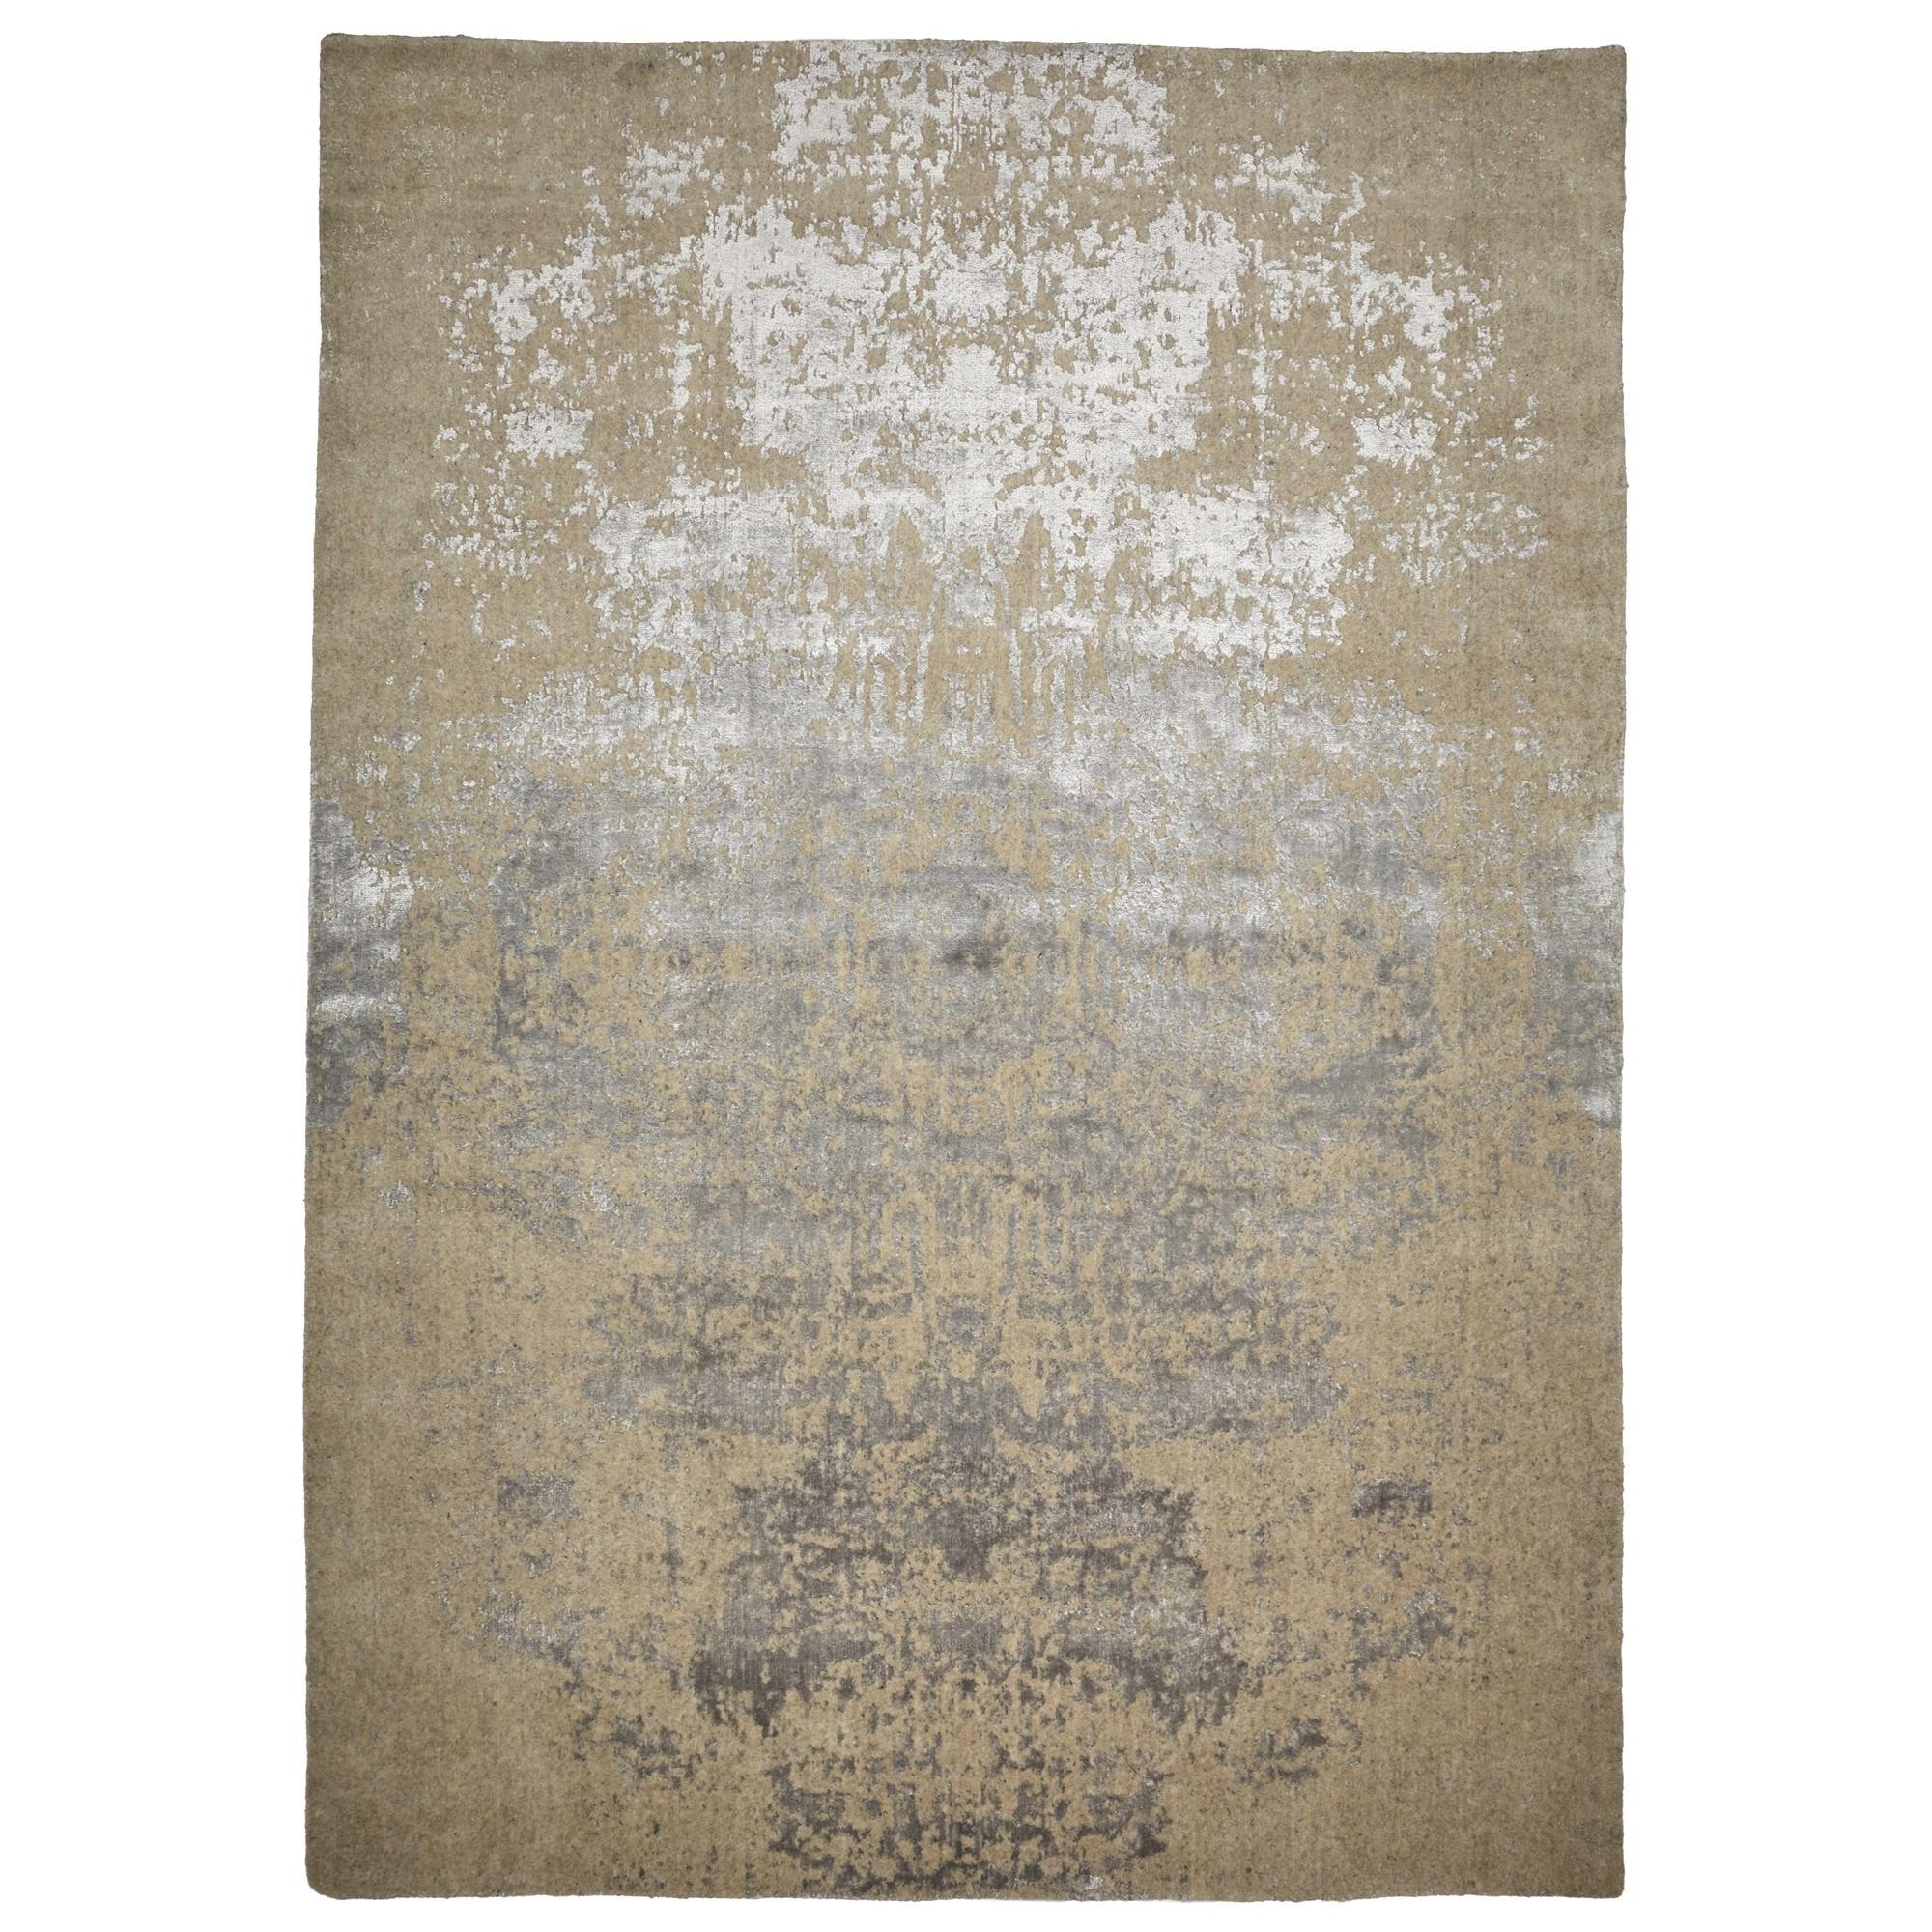 Vienna No.047 Handmade Wool Transitional Rug, 340x270cm, Beige